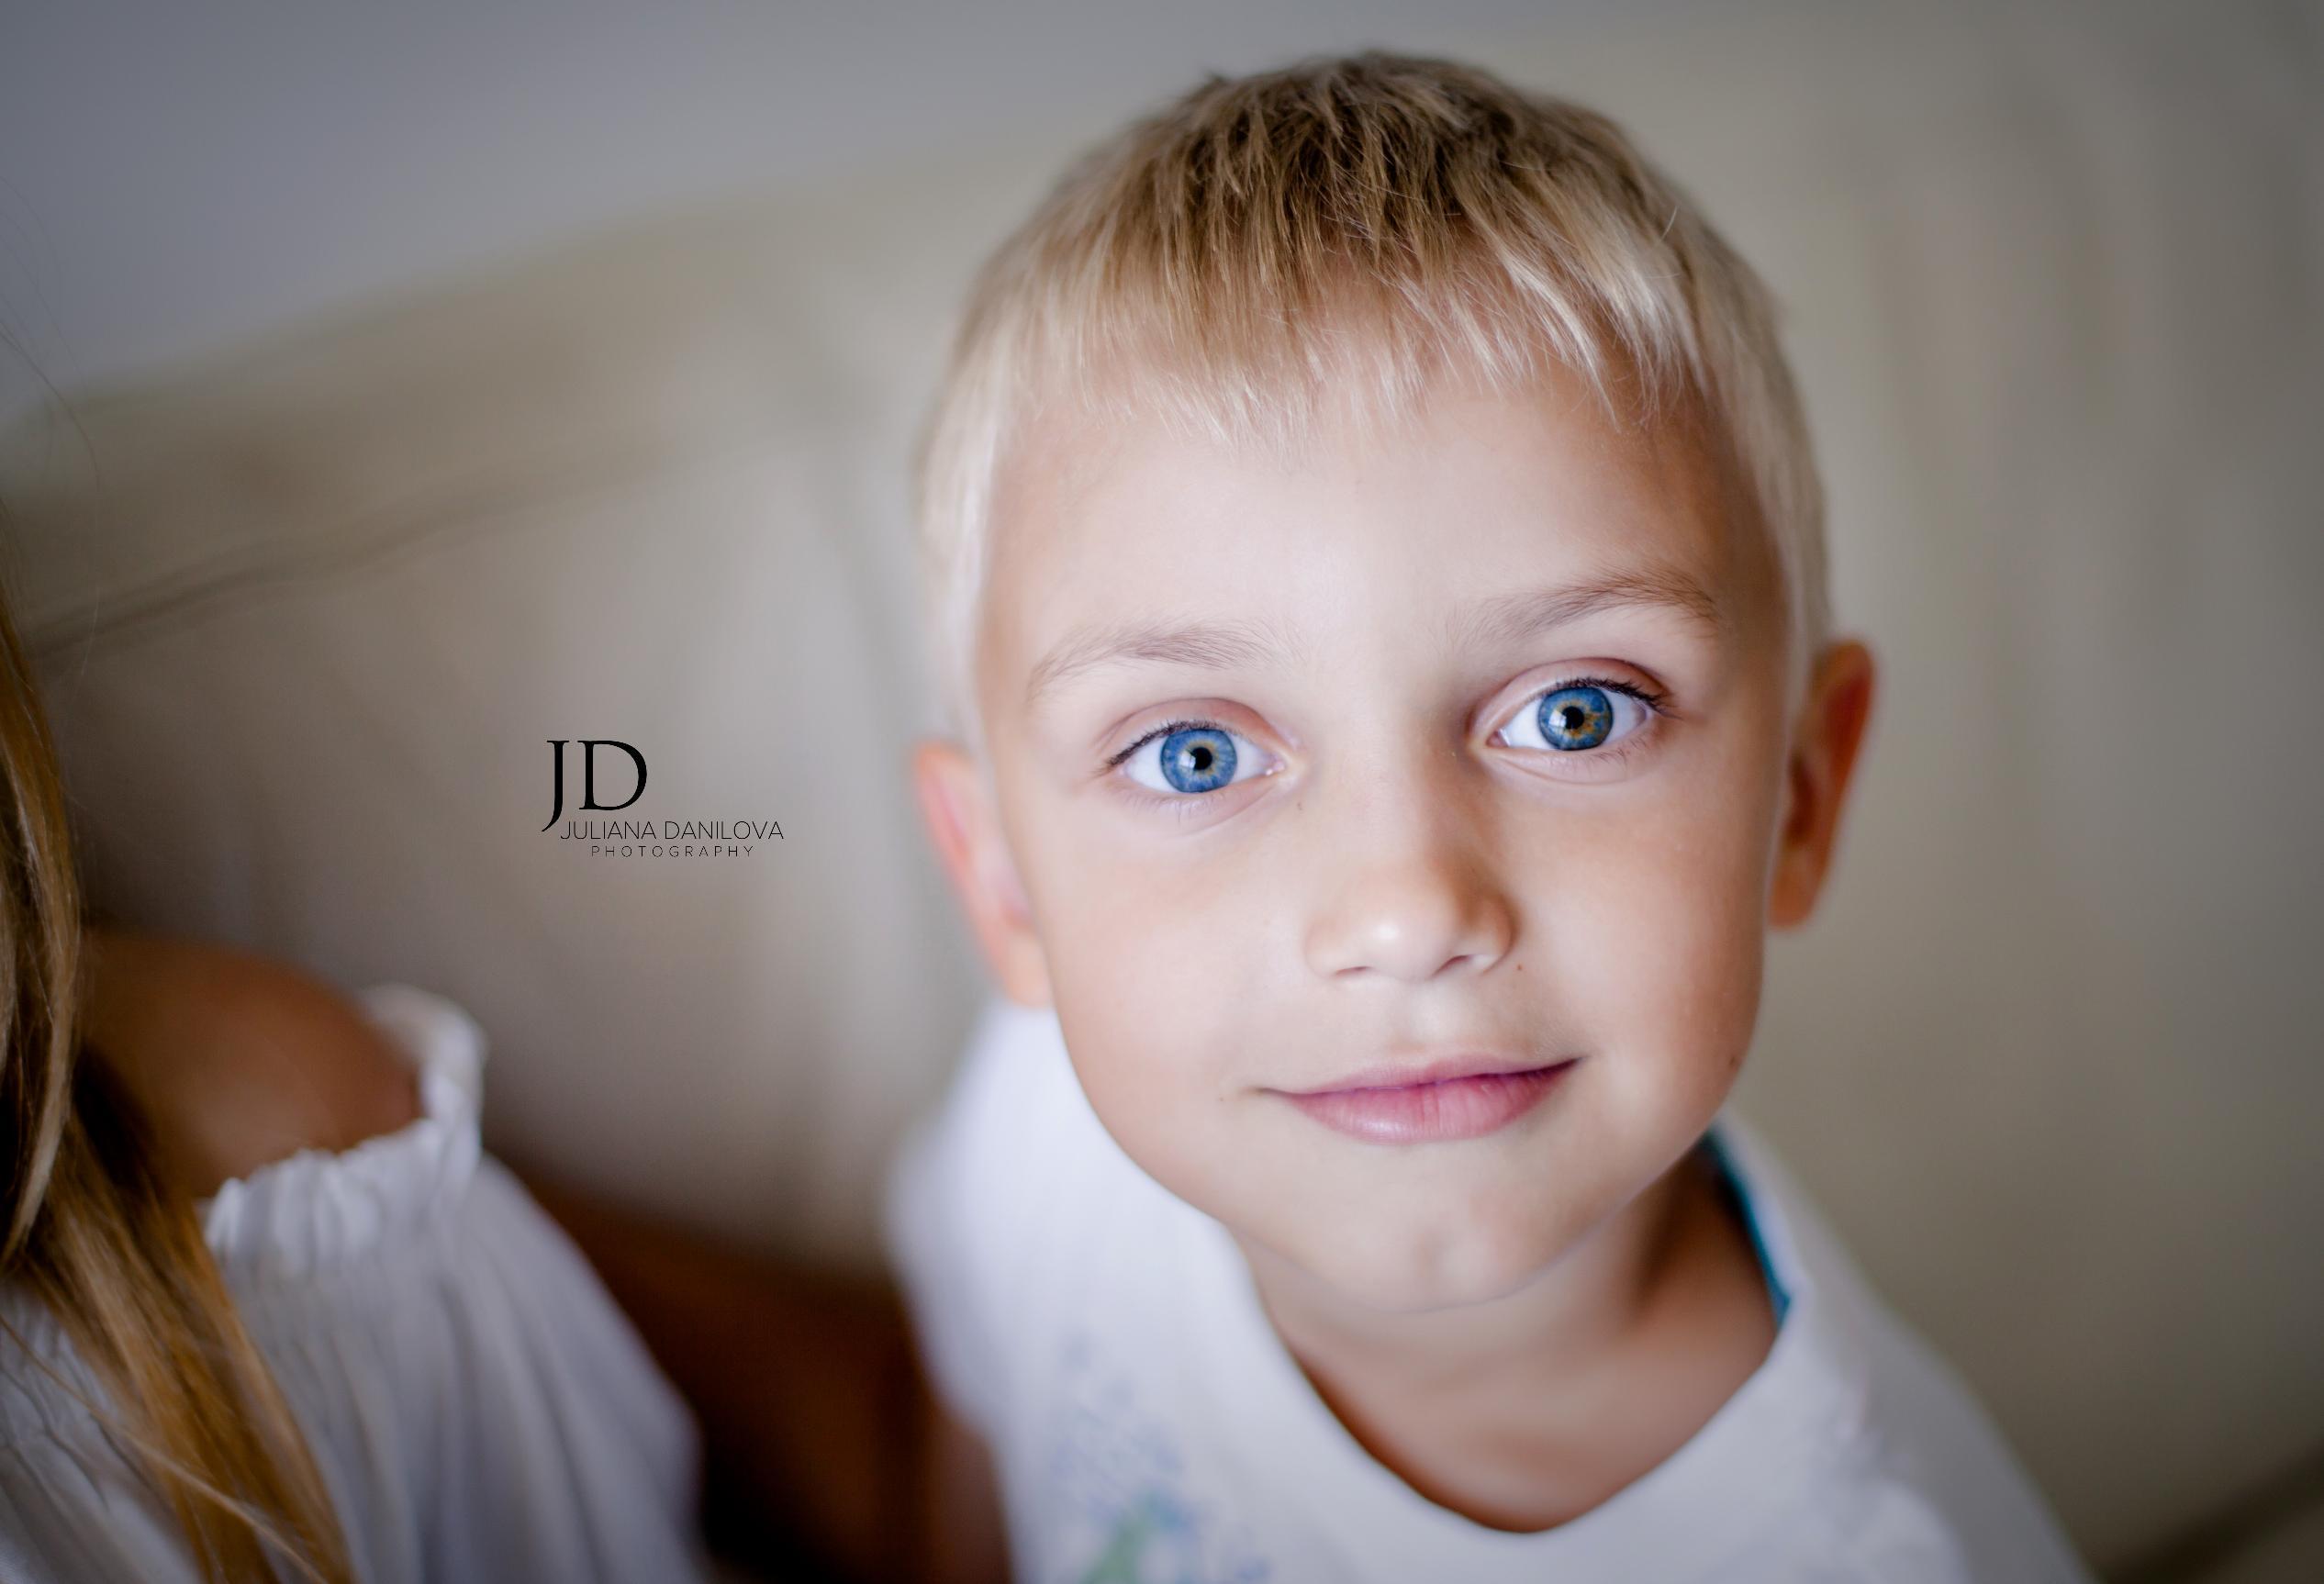 Фотосессия мальчика Юлиана Данилова